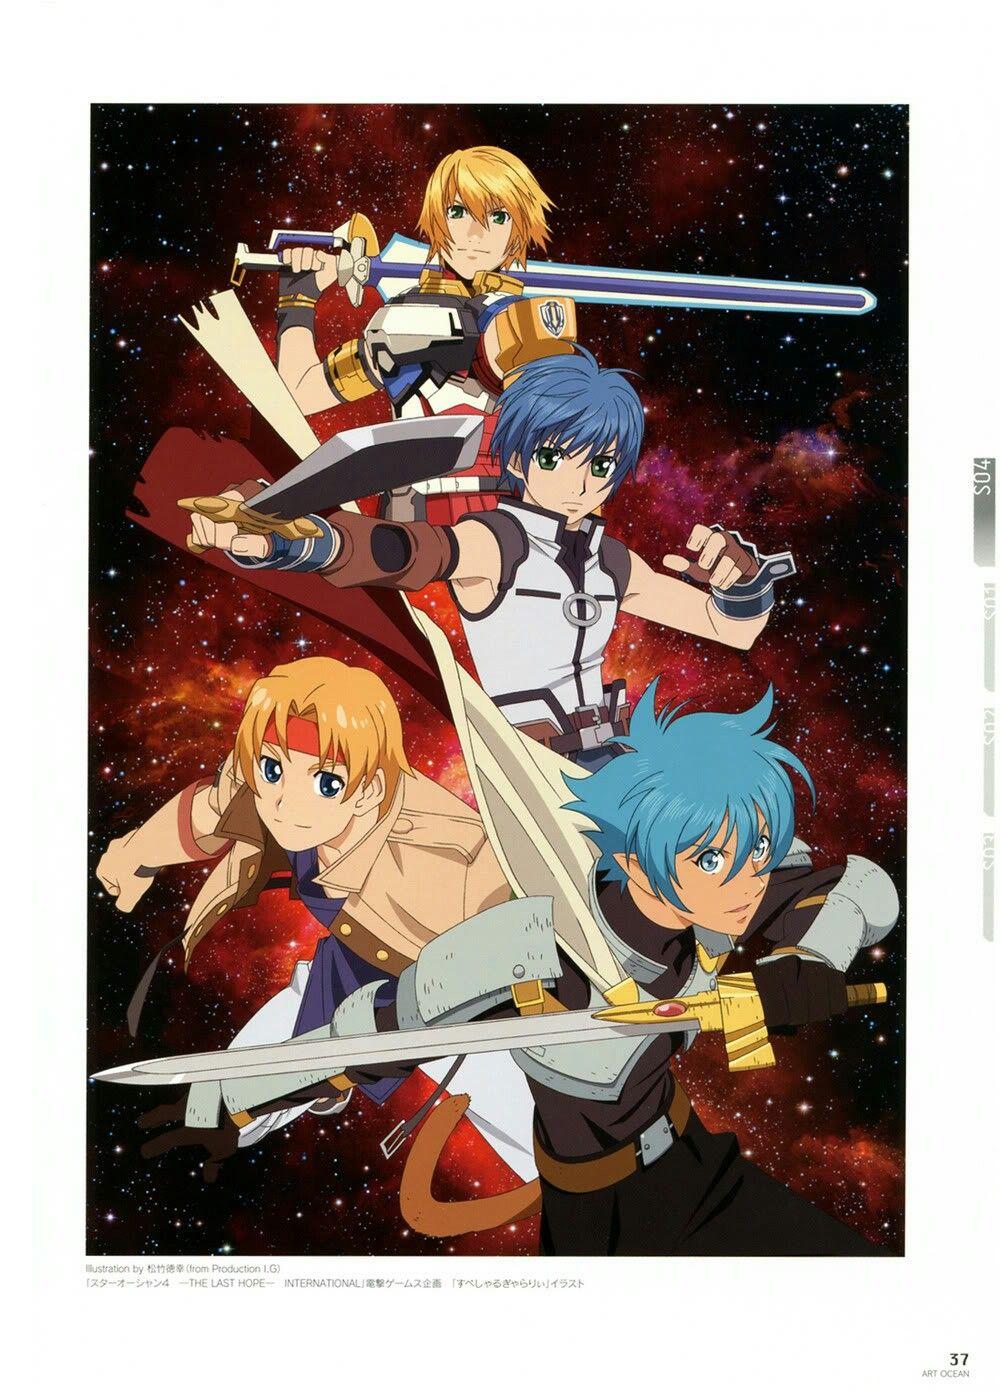 Star Ocean Heroes 1,2,3 & 4 Star ocean, Anime, Art drawings